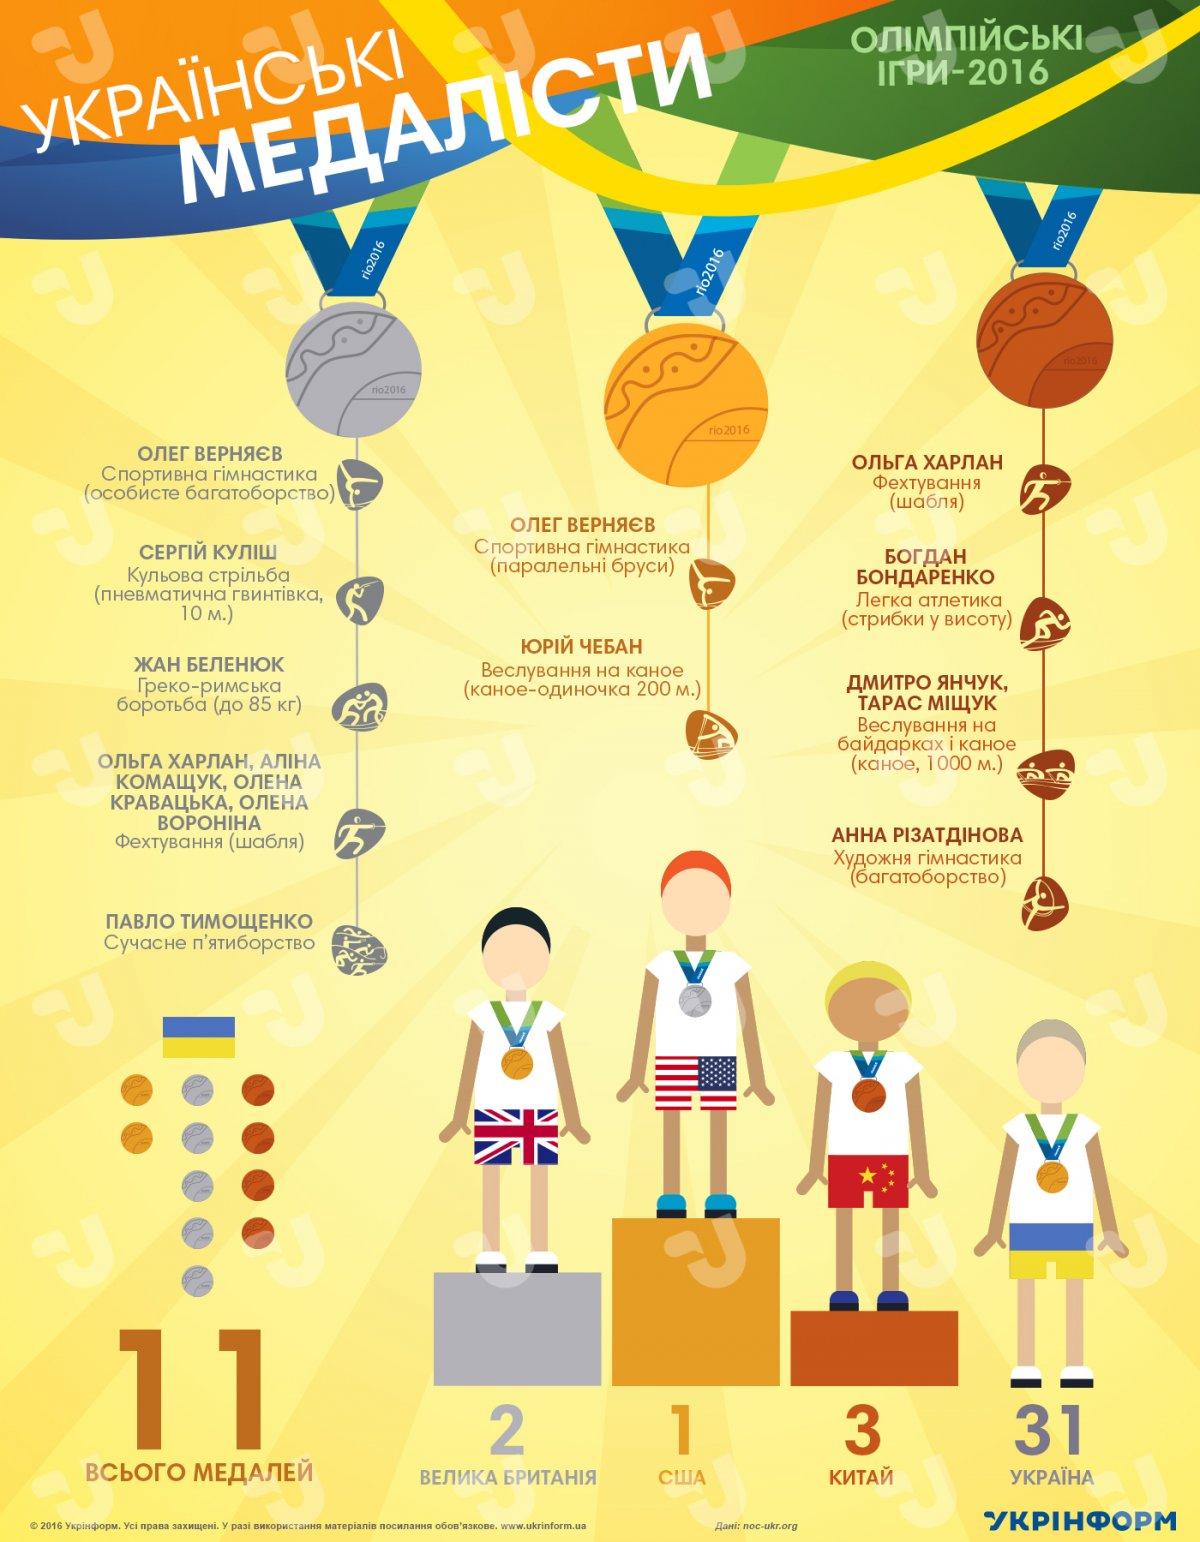 Олімпійські об єкти. Організатори розподілили місця проведення змагань на  чотири зони  Барра 74f4bc9dfdd99